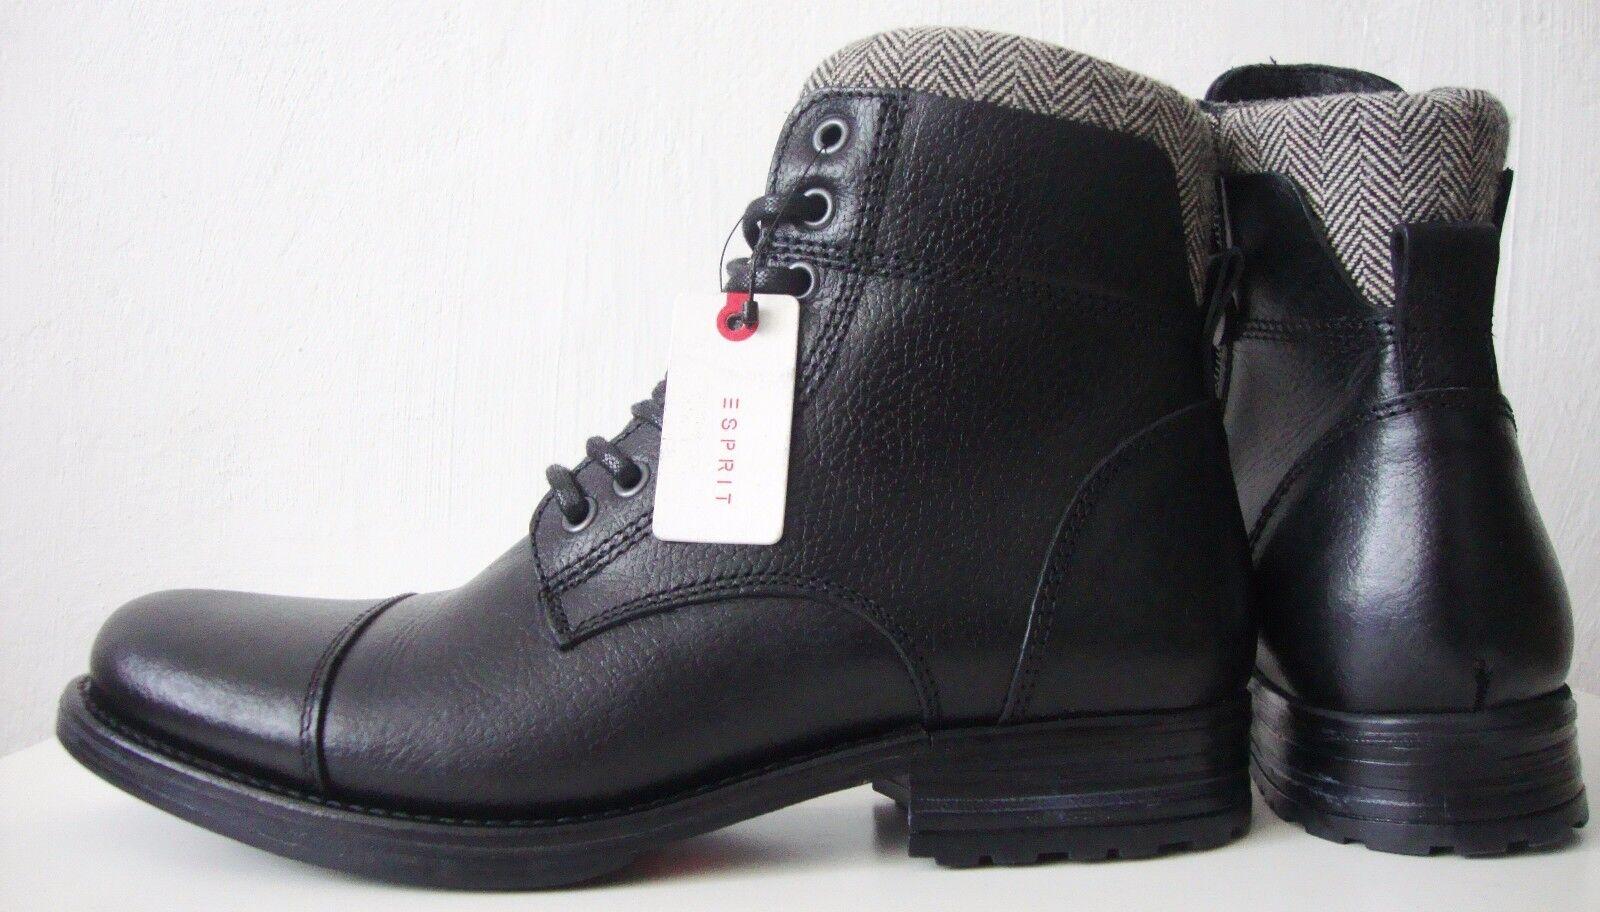 ESPRIT Herren Leder Stiefelette Boots Schuhe Winterstiefel Gr.44 NEU mit ETIKETT